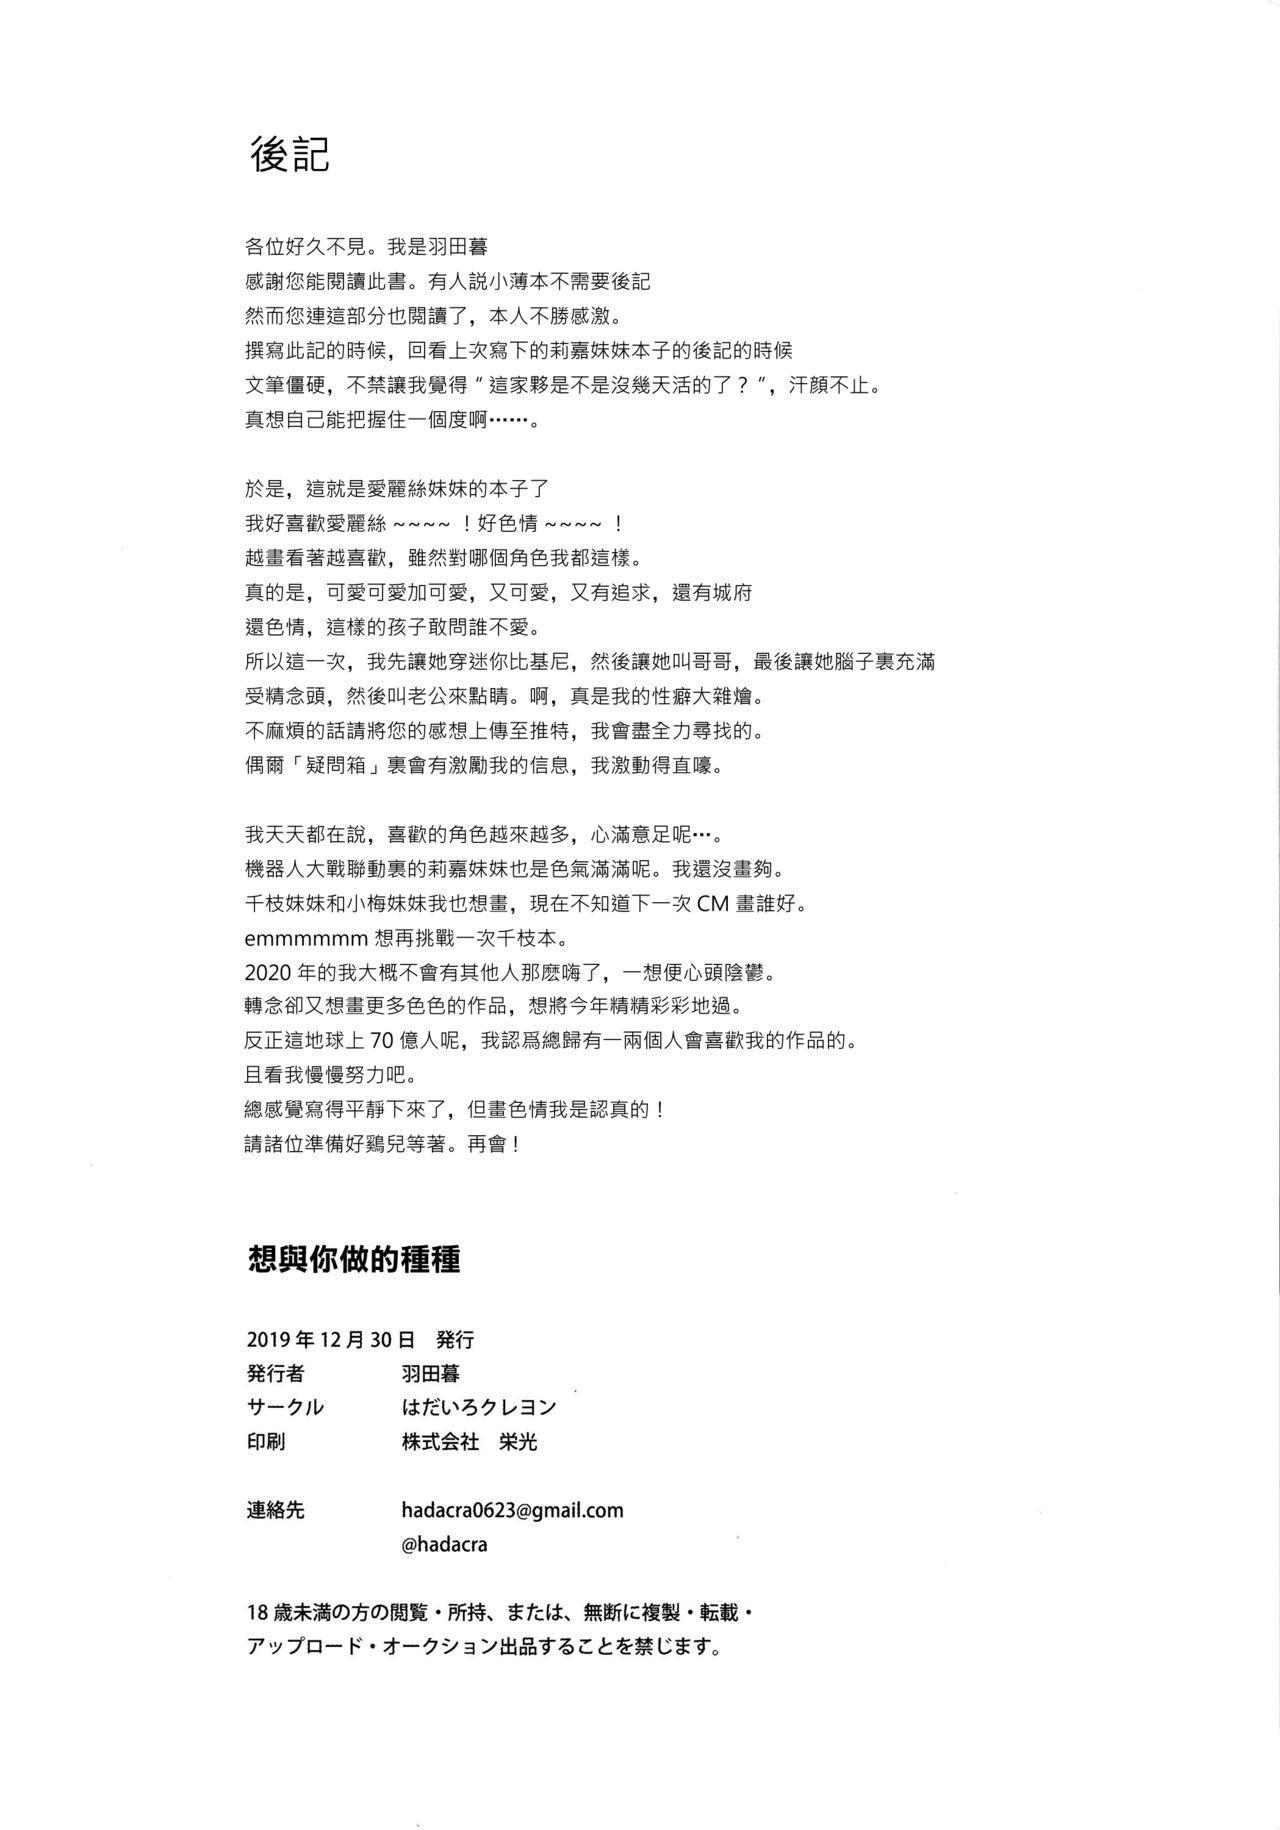 Anata to Shitai Koto, Zenbu 21